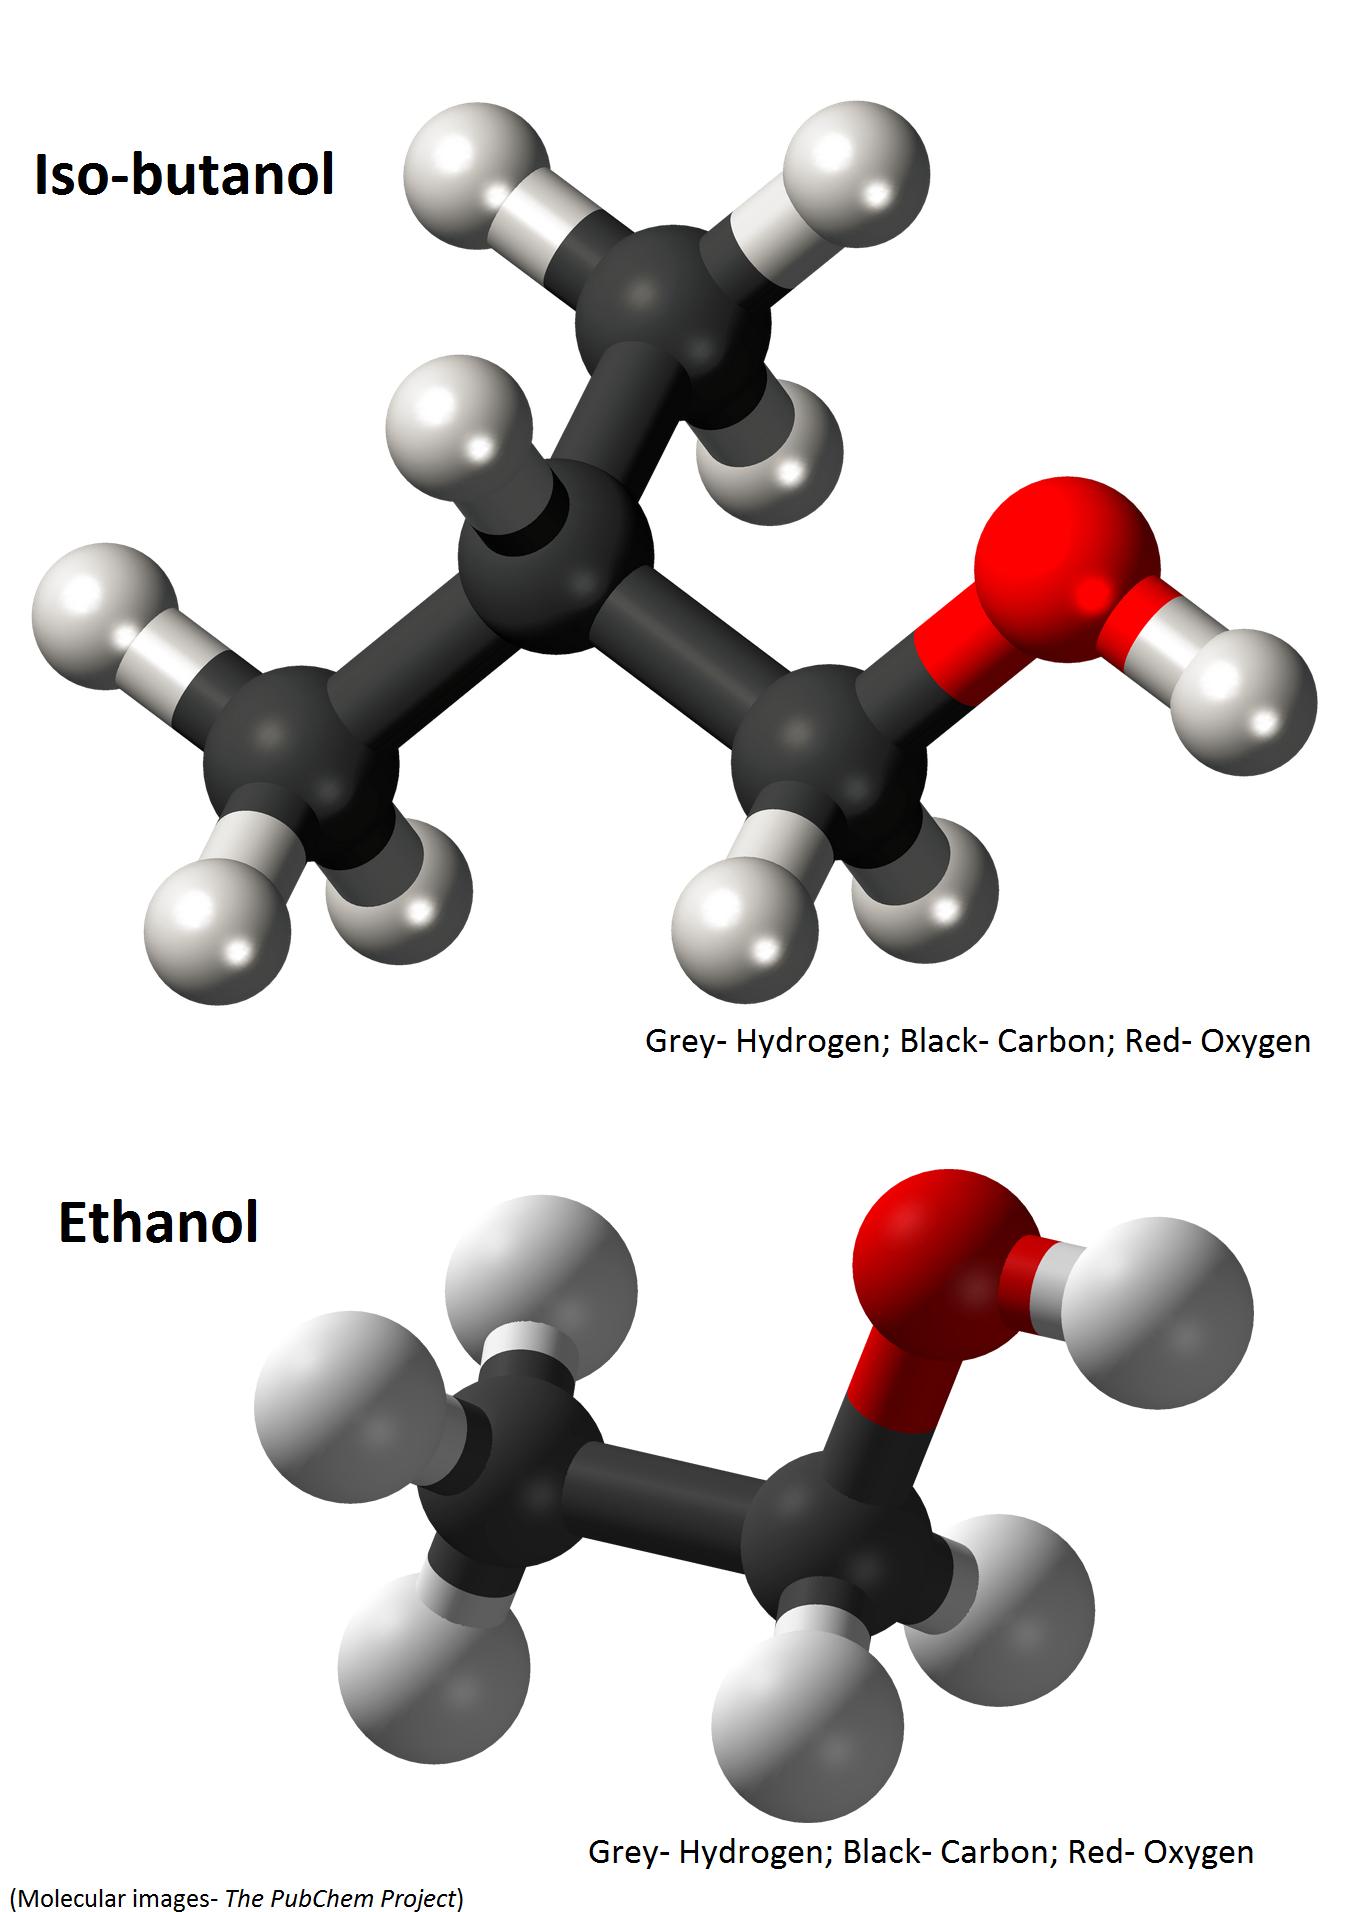 Isobutanol vs. Ethanol